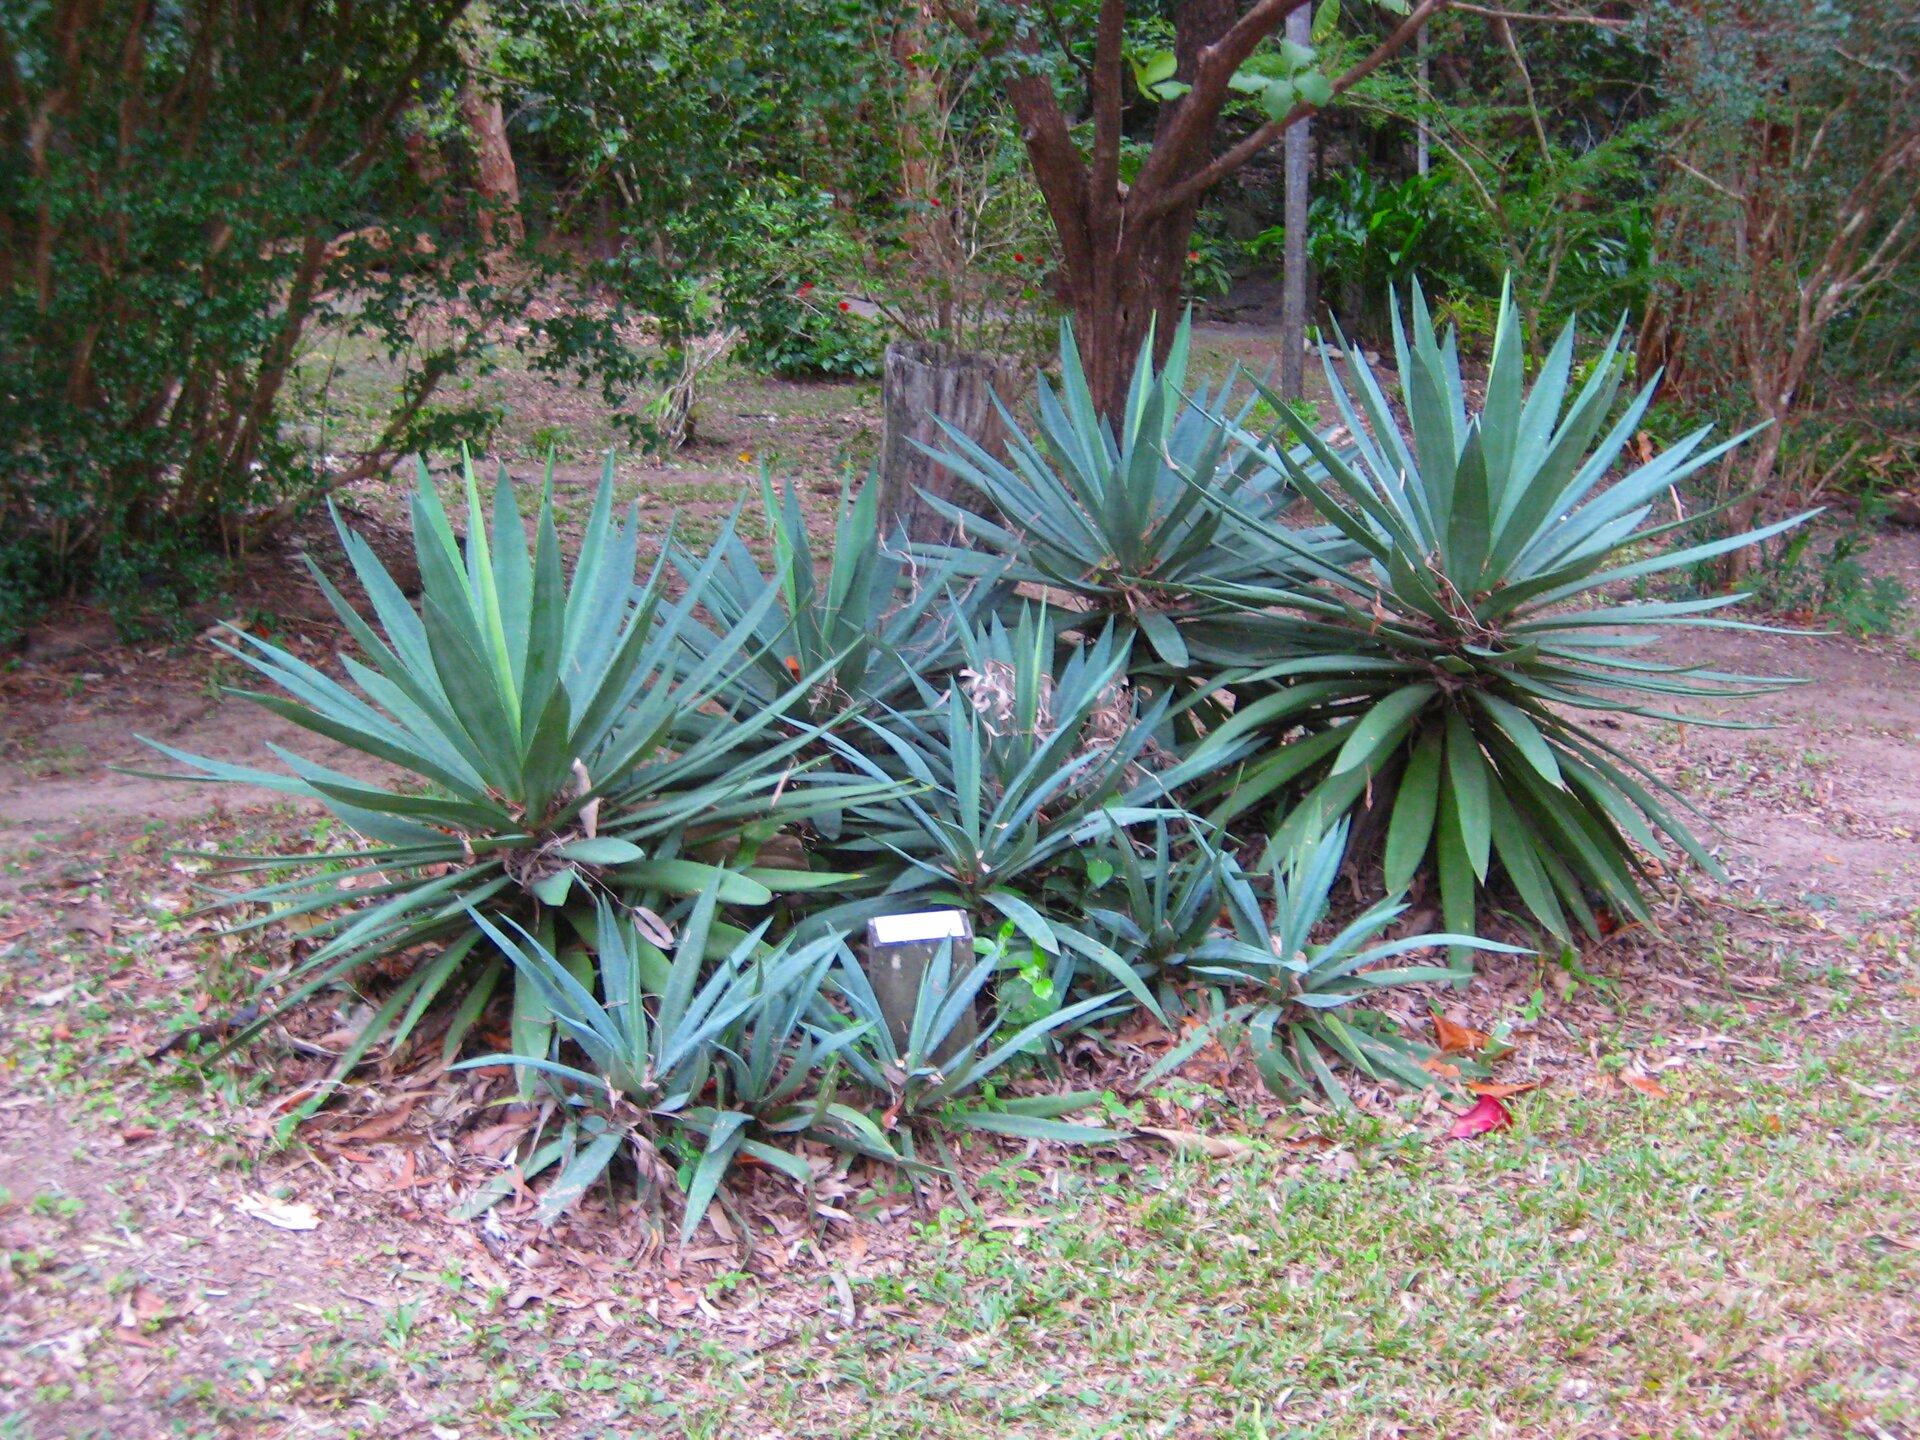 Na zdjęciu kilka roślin oogromnych, mięsistych, ciemnozielonych, lancetowatych, ostrych liściach. Tworzą rozetę liściową. Wtle drzewa.